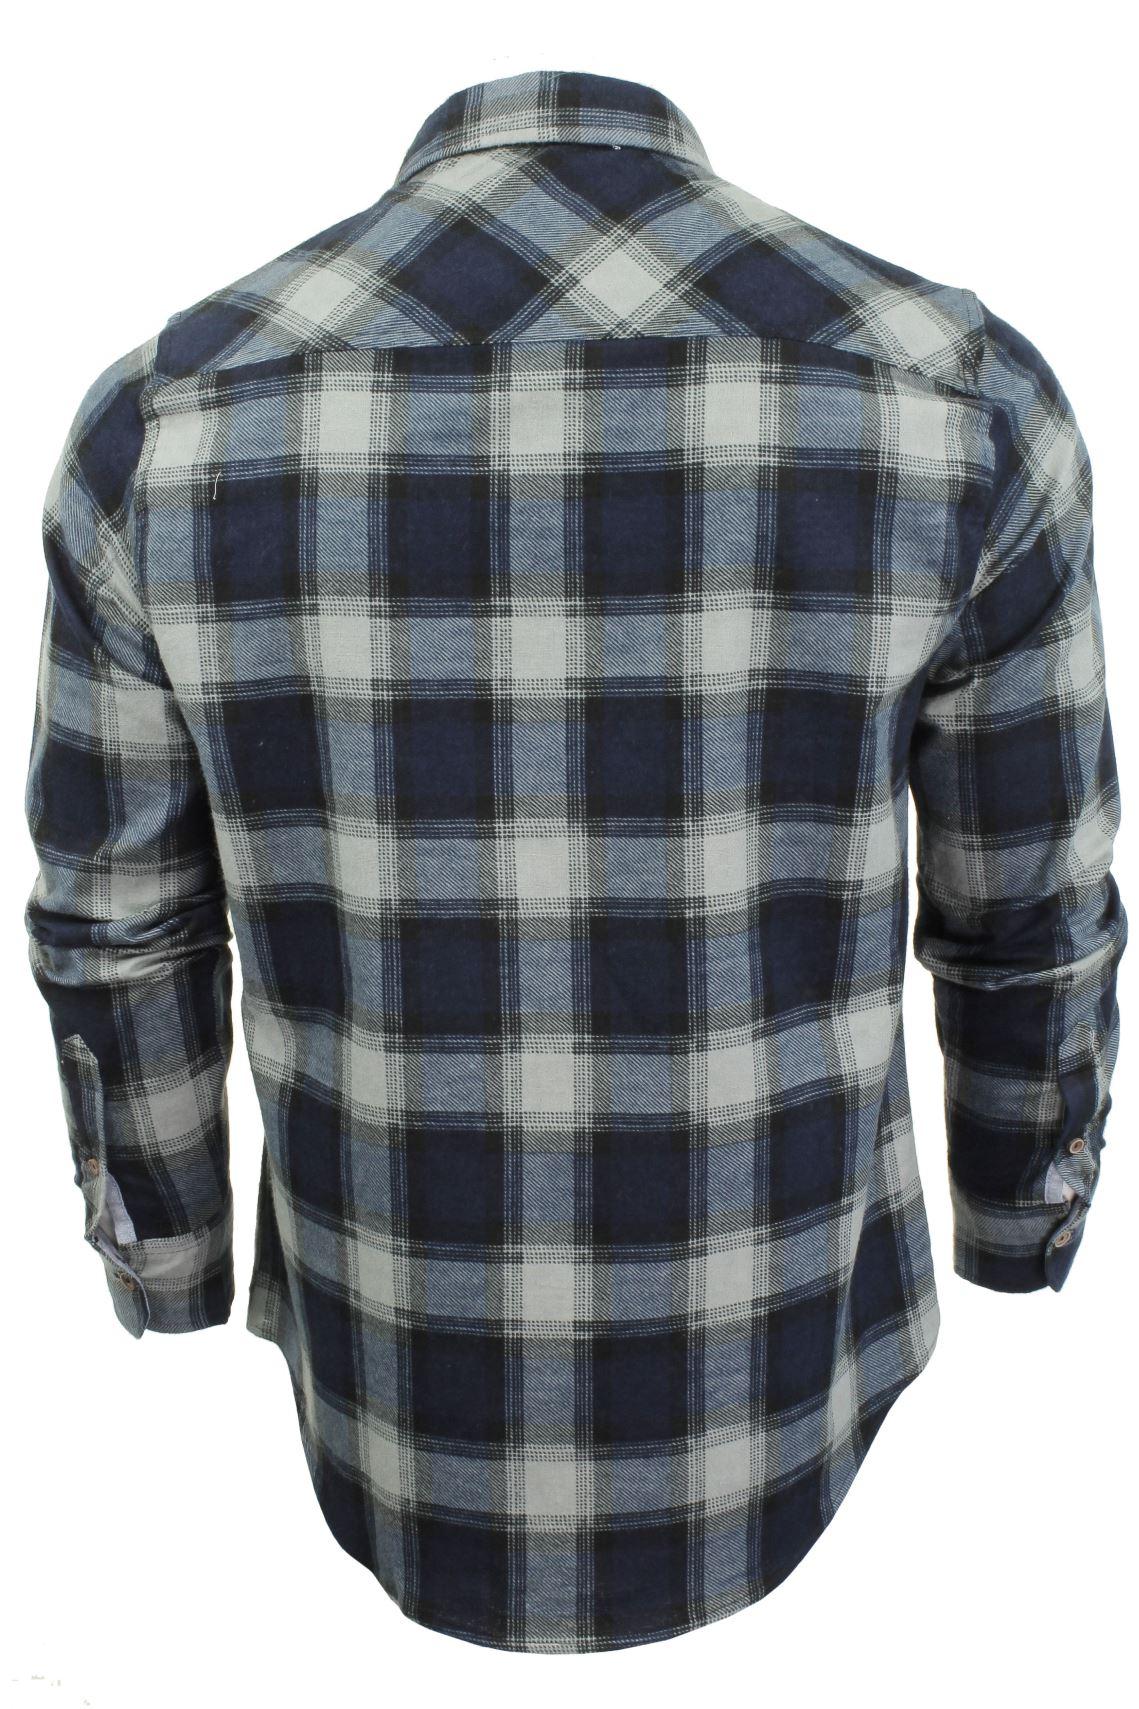 Verificacion-de-franela-de-algodon-cepillado-alma-valiente-camisa-de-mangas-largas-De-Jack miniatura 15